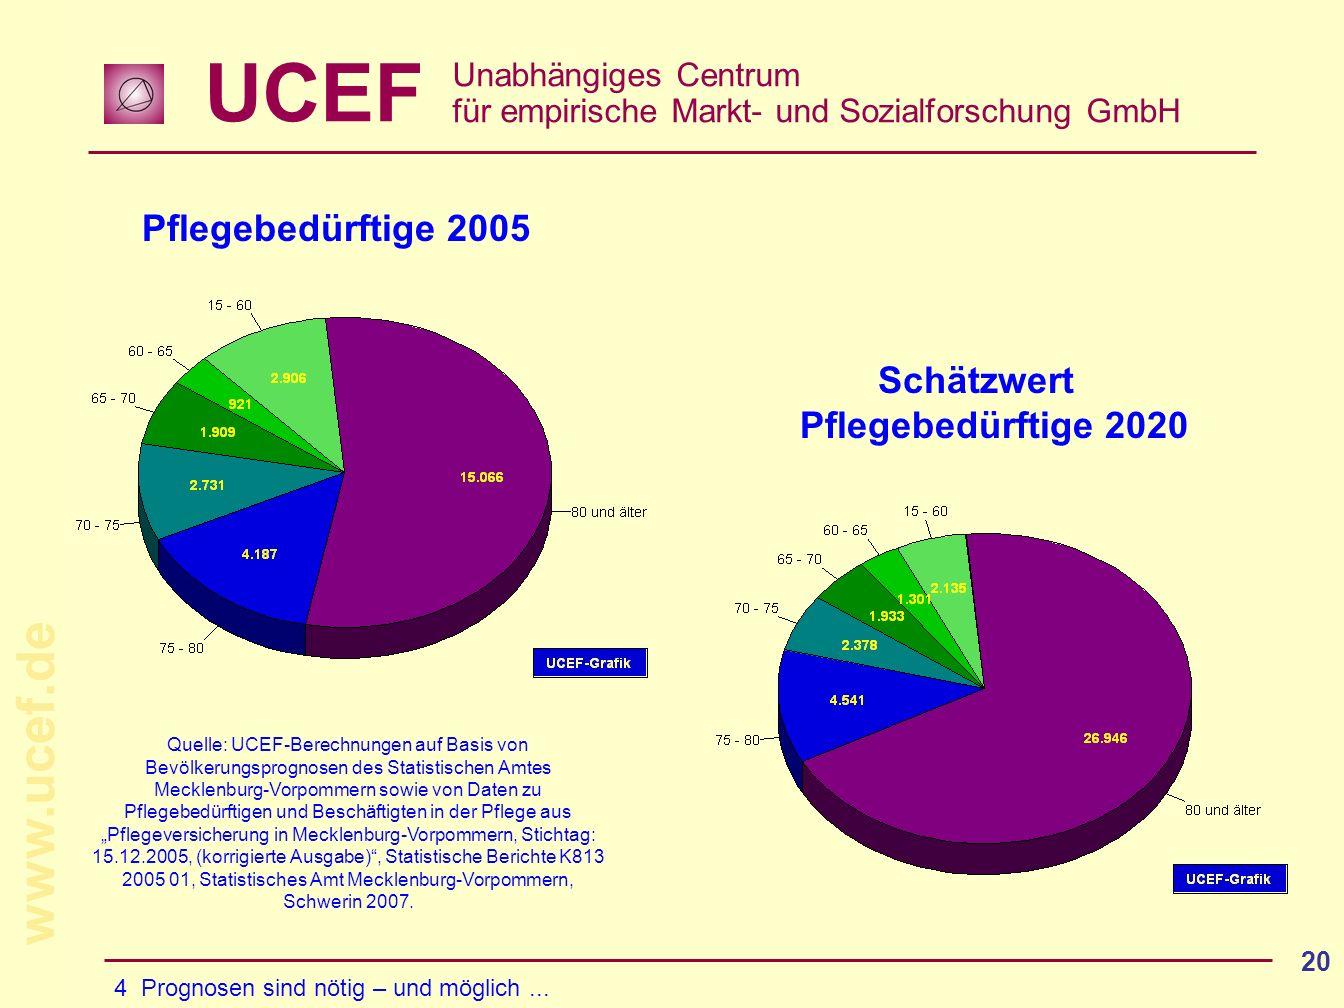 UCEF Unabhängiges Centrum für empirische Markt- und Sozialforschung GmbH www.ucef.de 20 Pflegebedürftige 2005 Schätzwert Pflegebedürftige 2020 4 Prognosen sind nötig – und möglich...